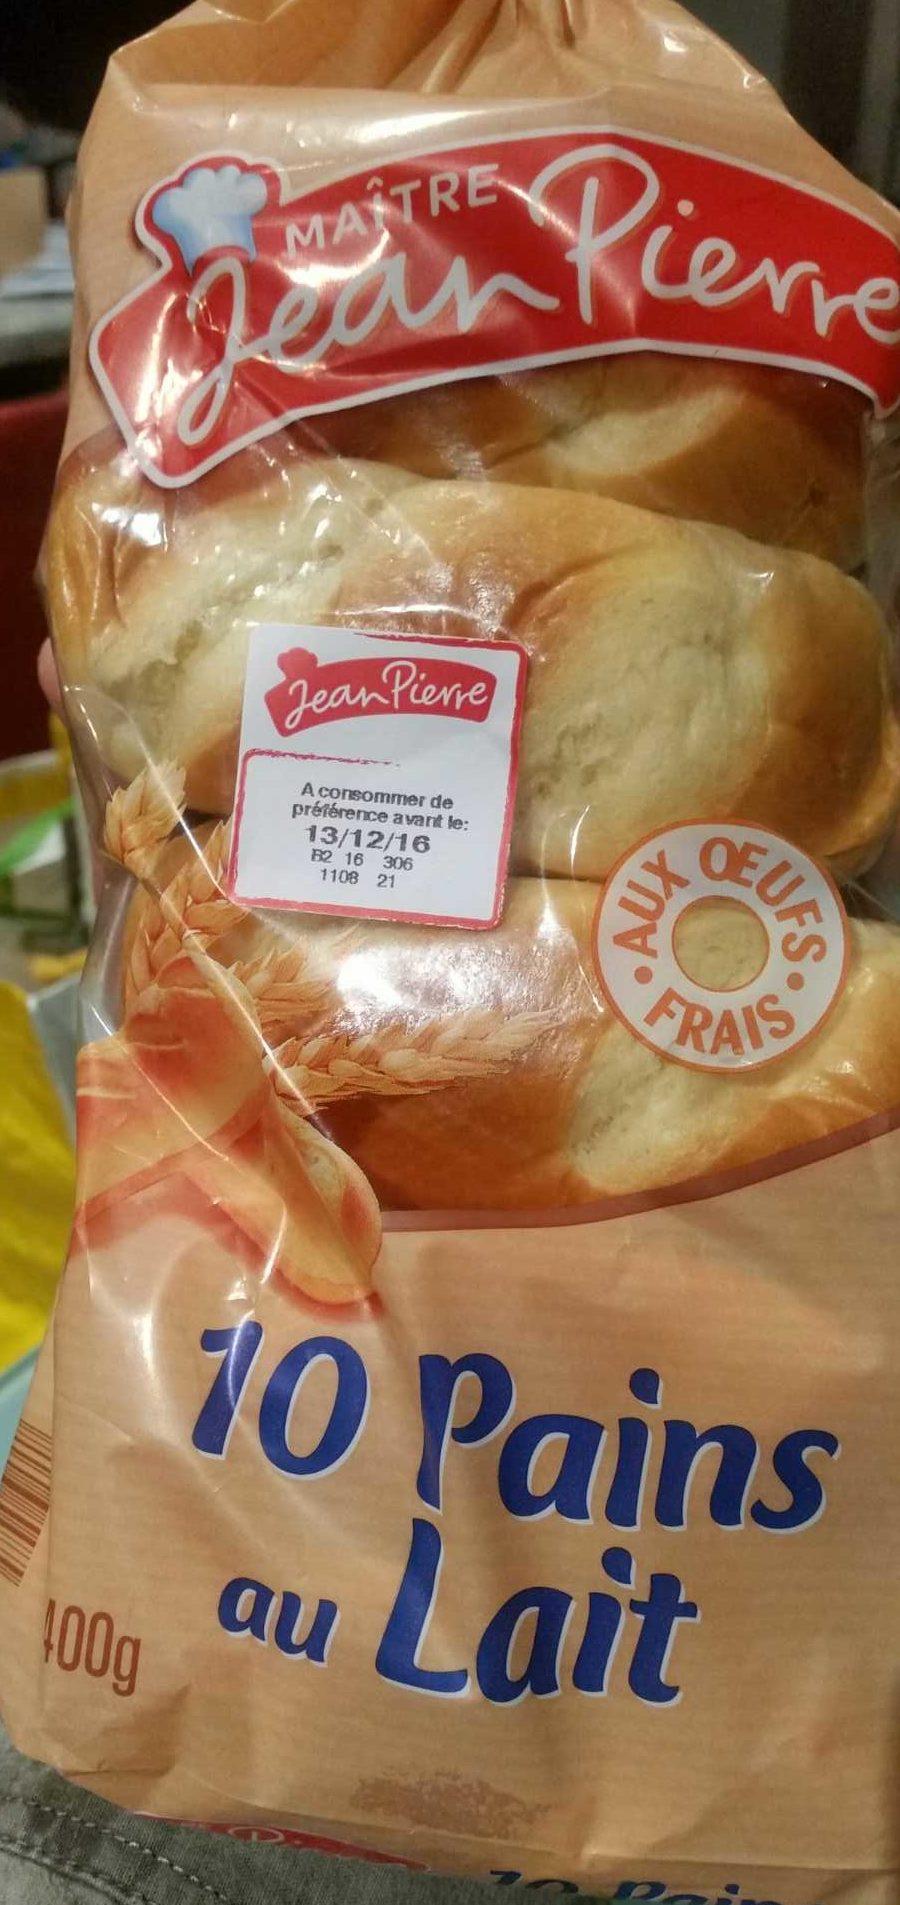 10 pains au lait - Produit